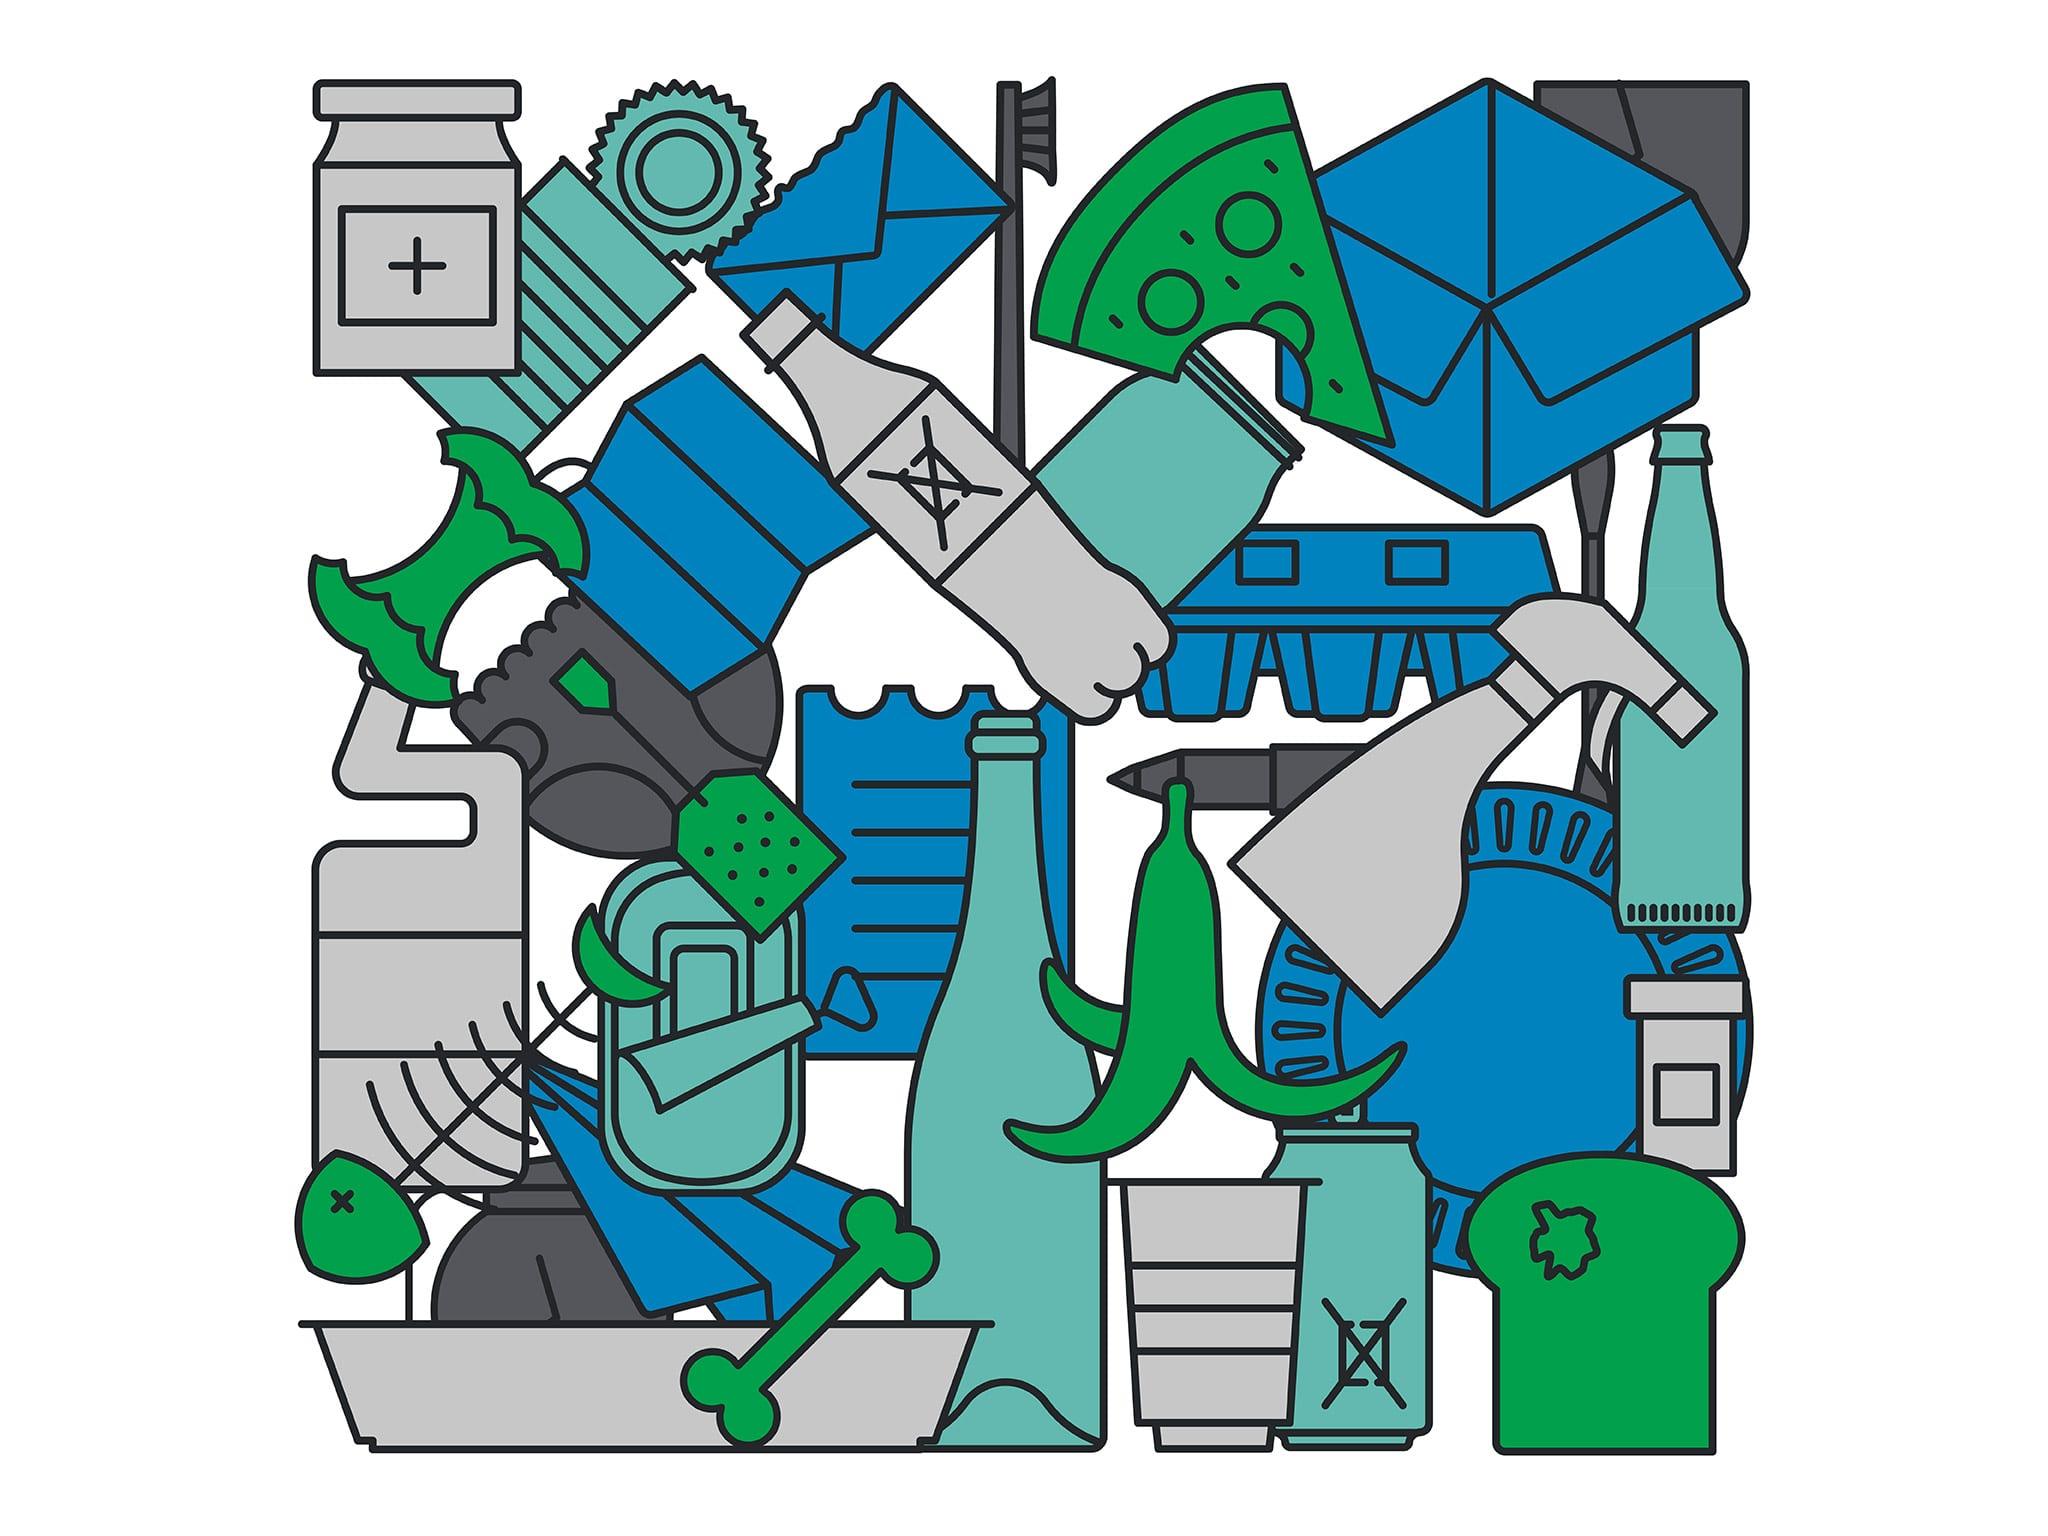 Avfall er ikke bare restavfall